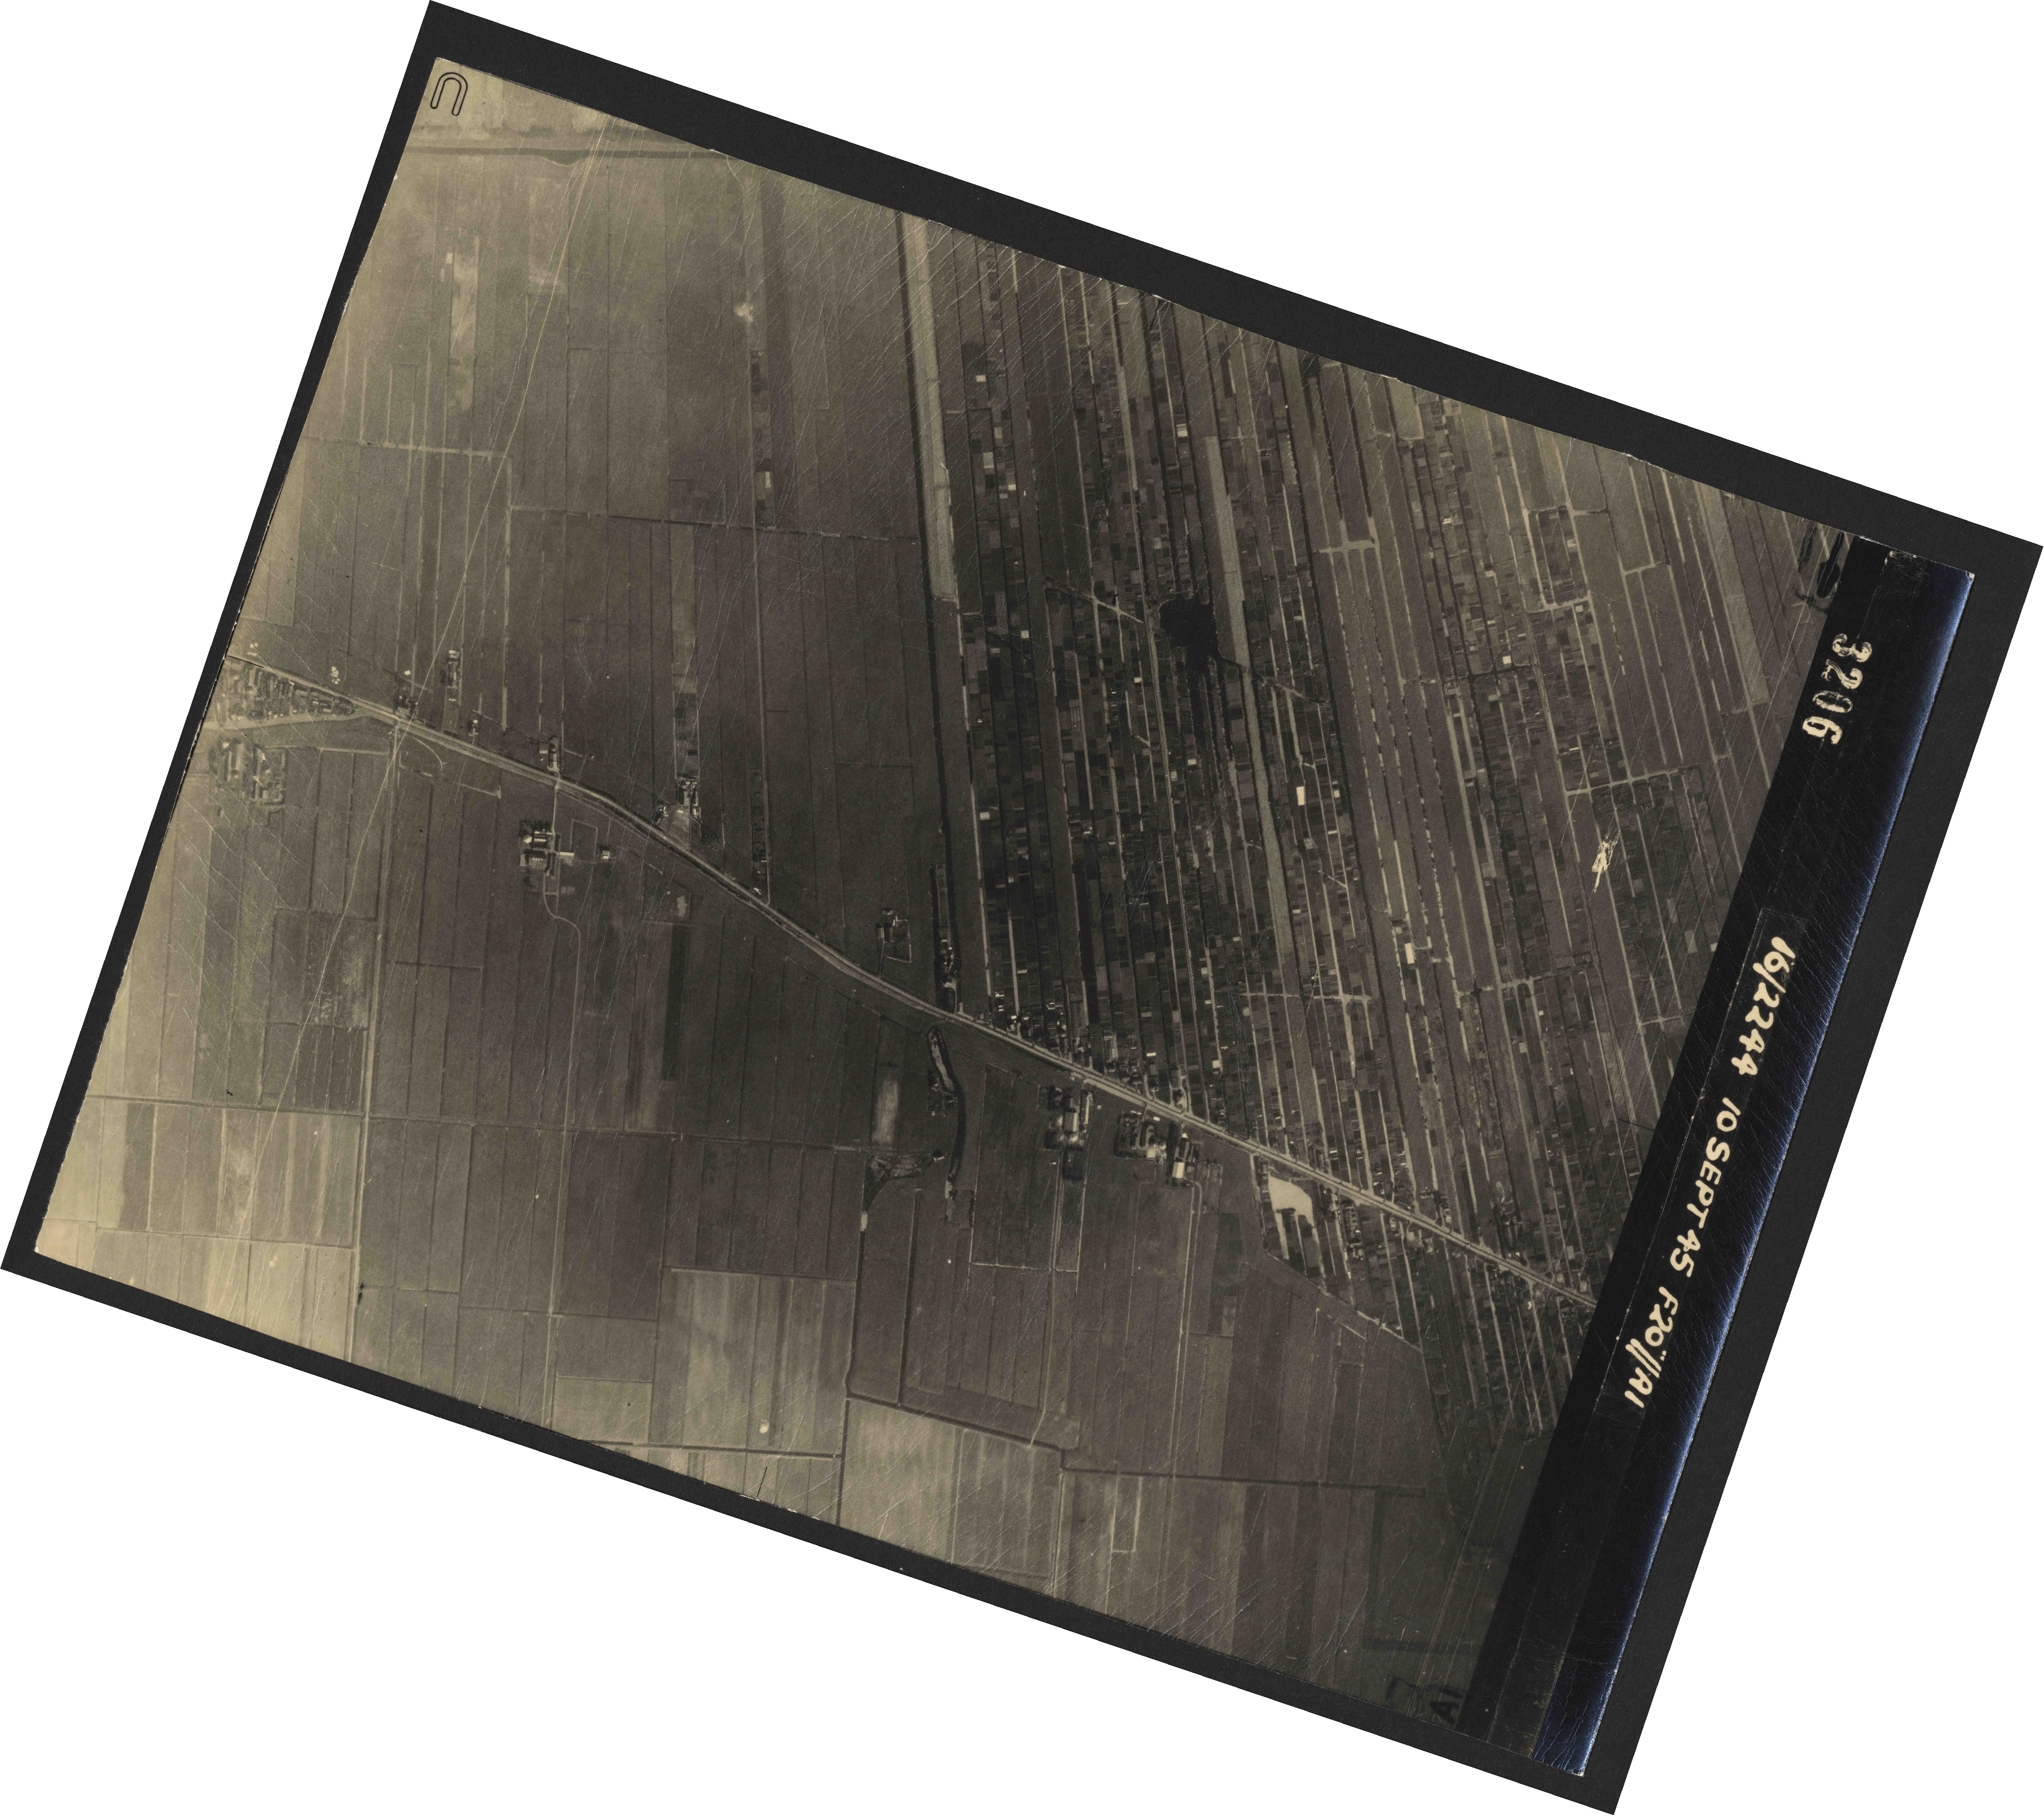 Collection RAF aerial photos 1940-1945 - flight 035, run 14, photo 3206